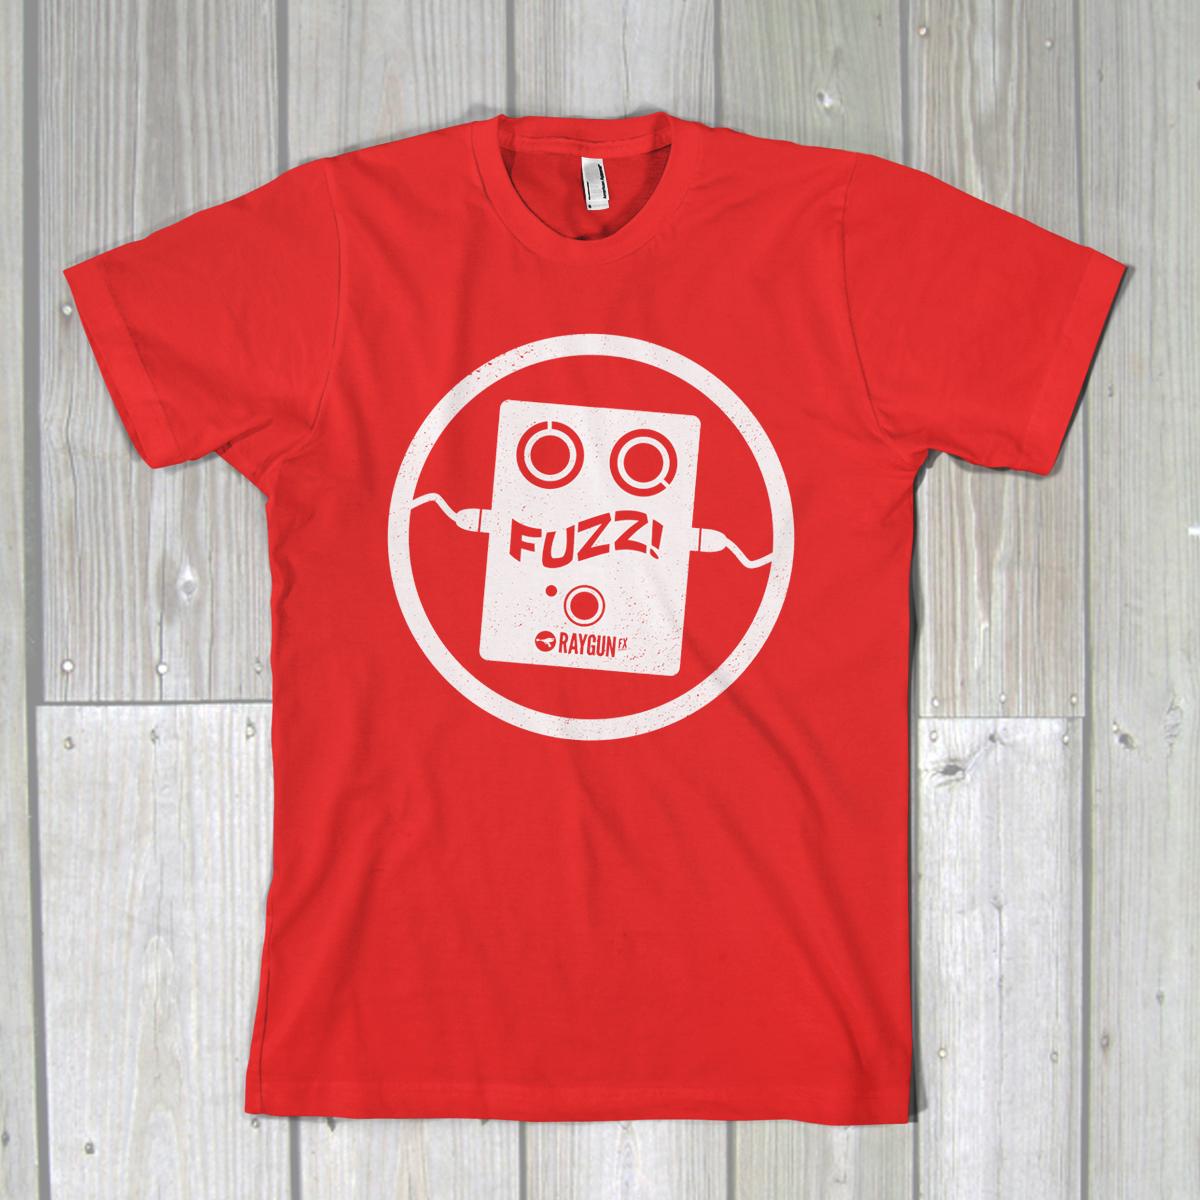 fuzz-tshirt-red